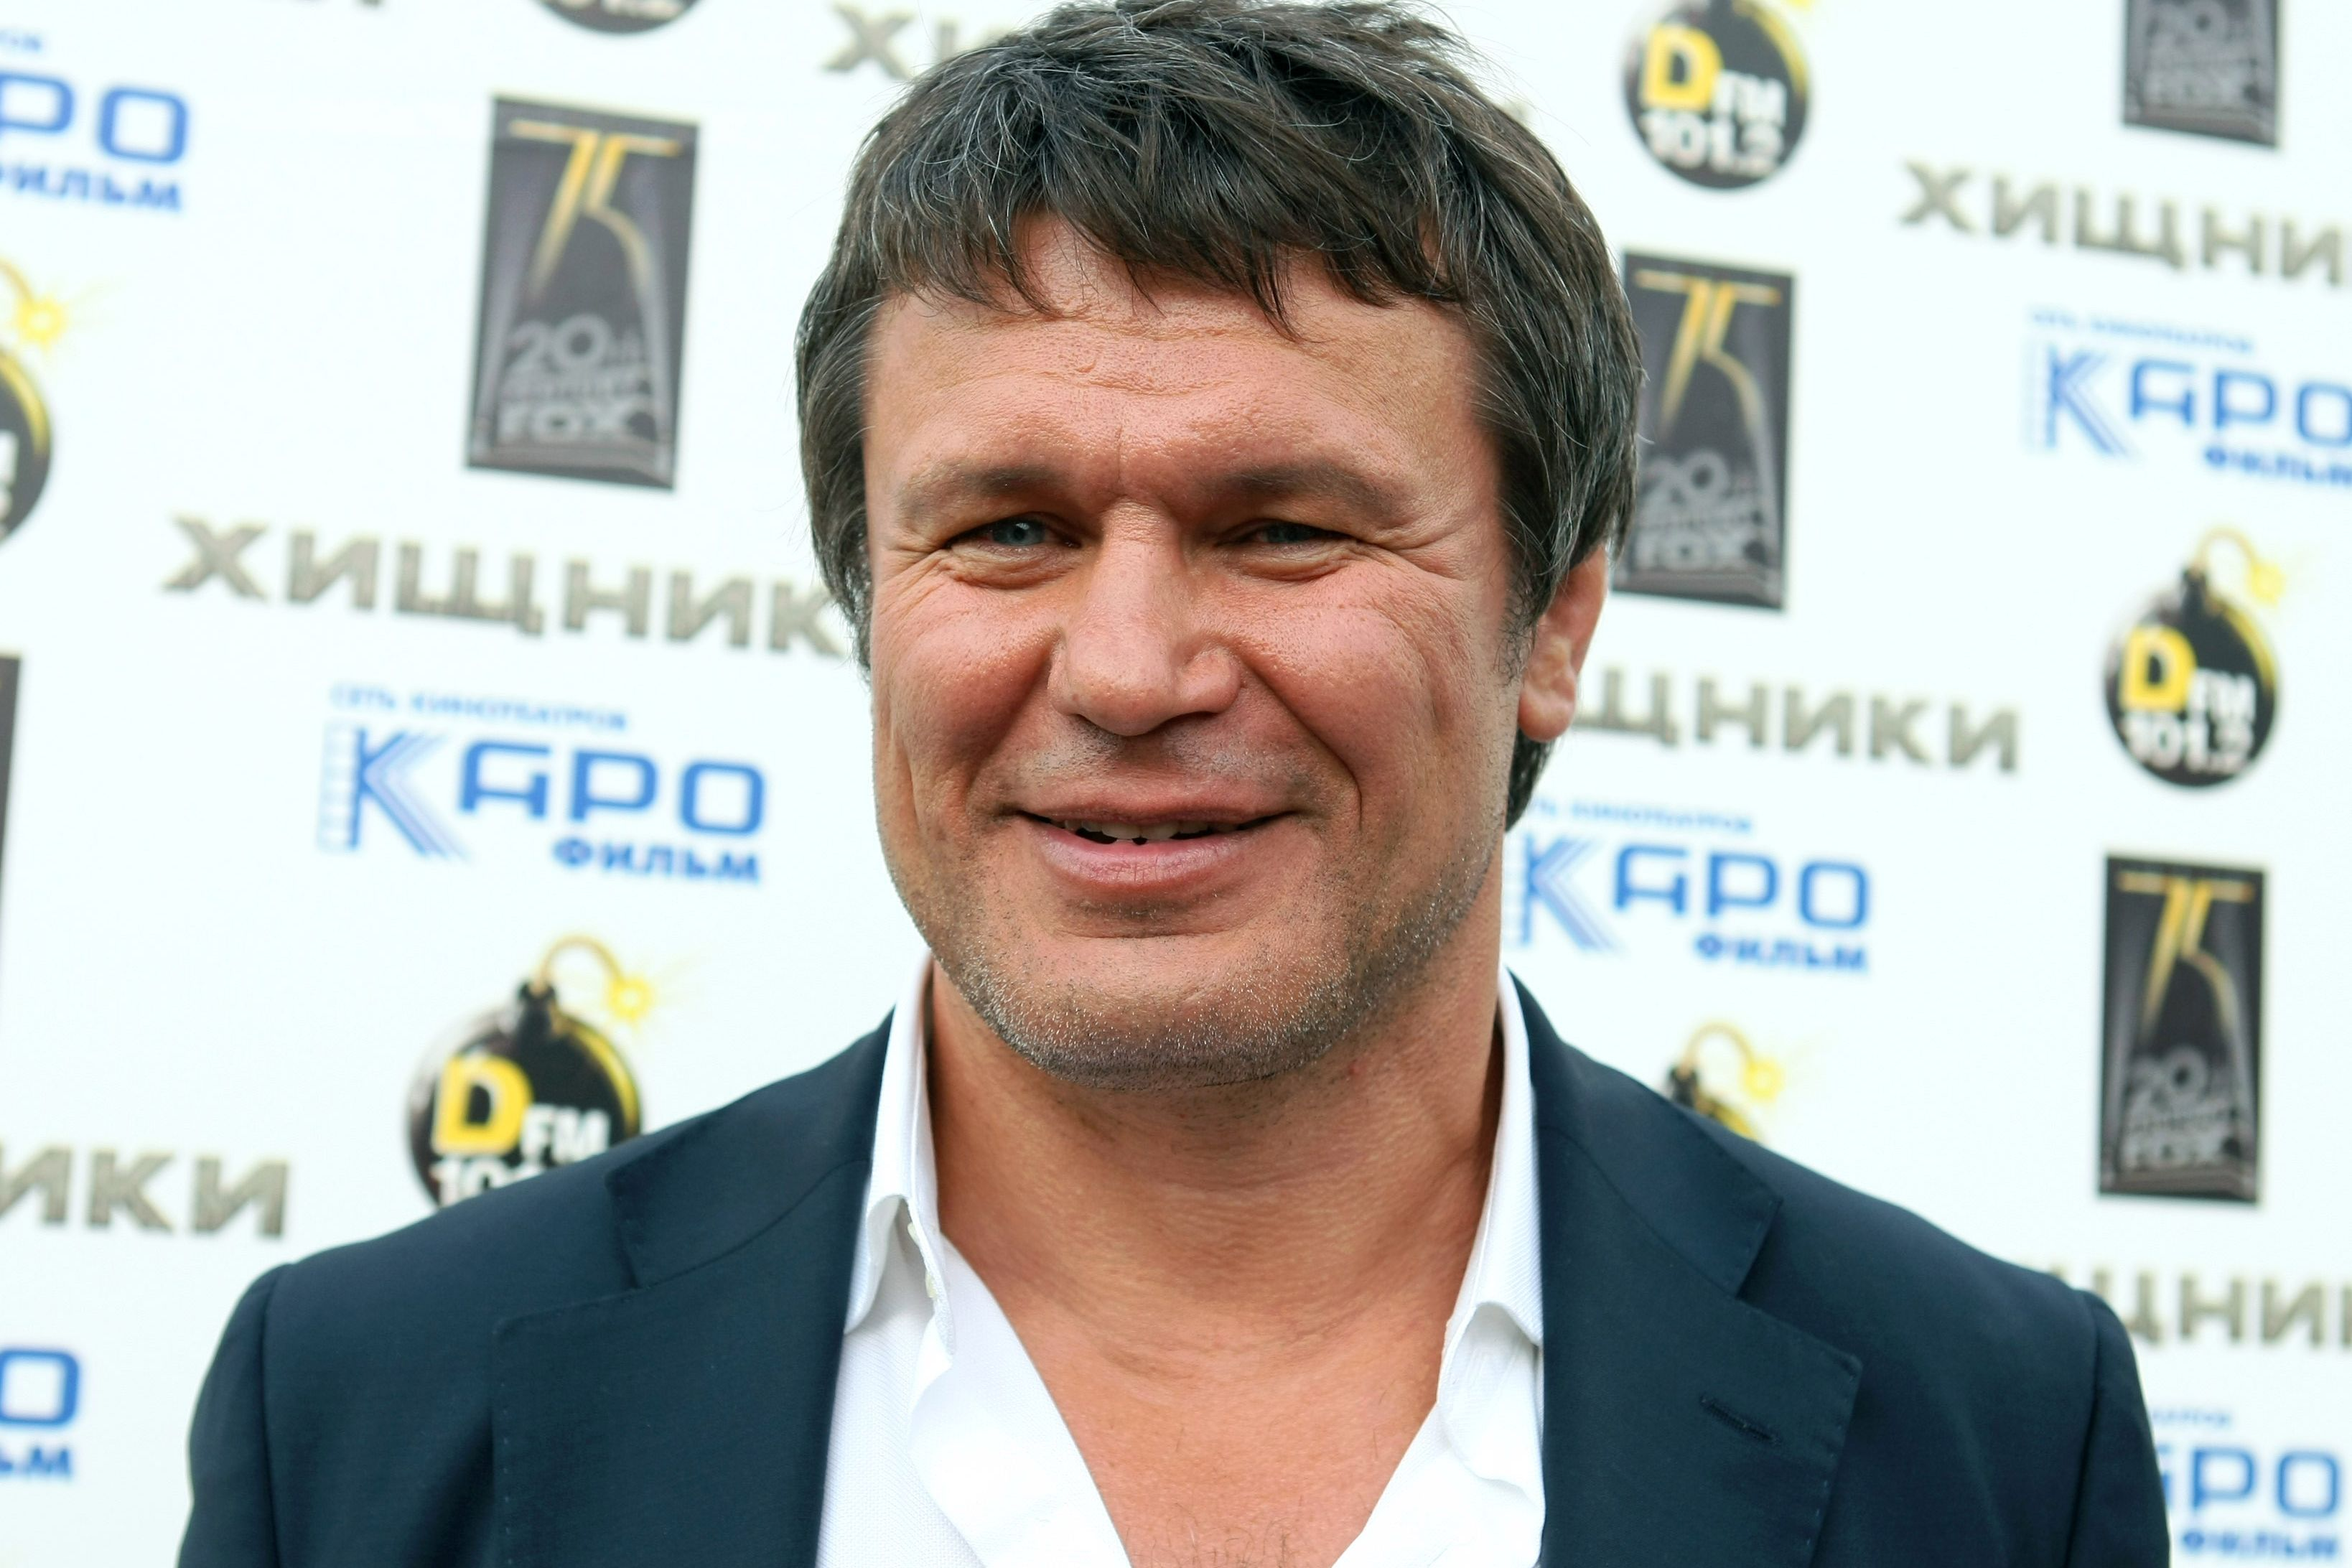 Тактаров заявил, что знает в деталях, как будет проходить бой Макгрегора и Порье